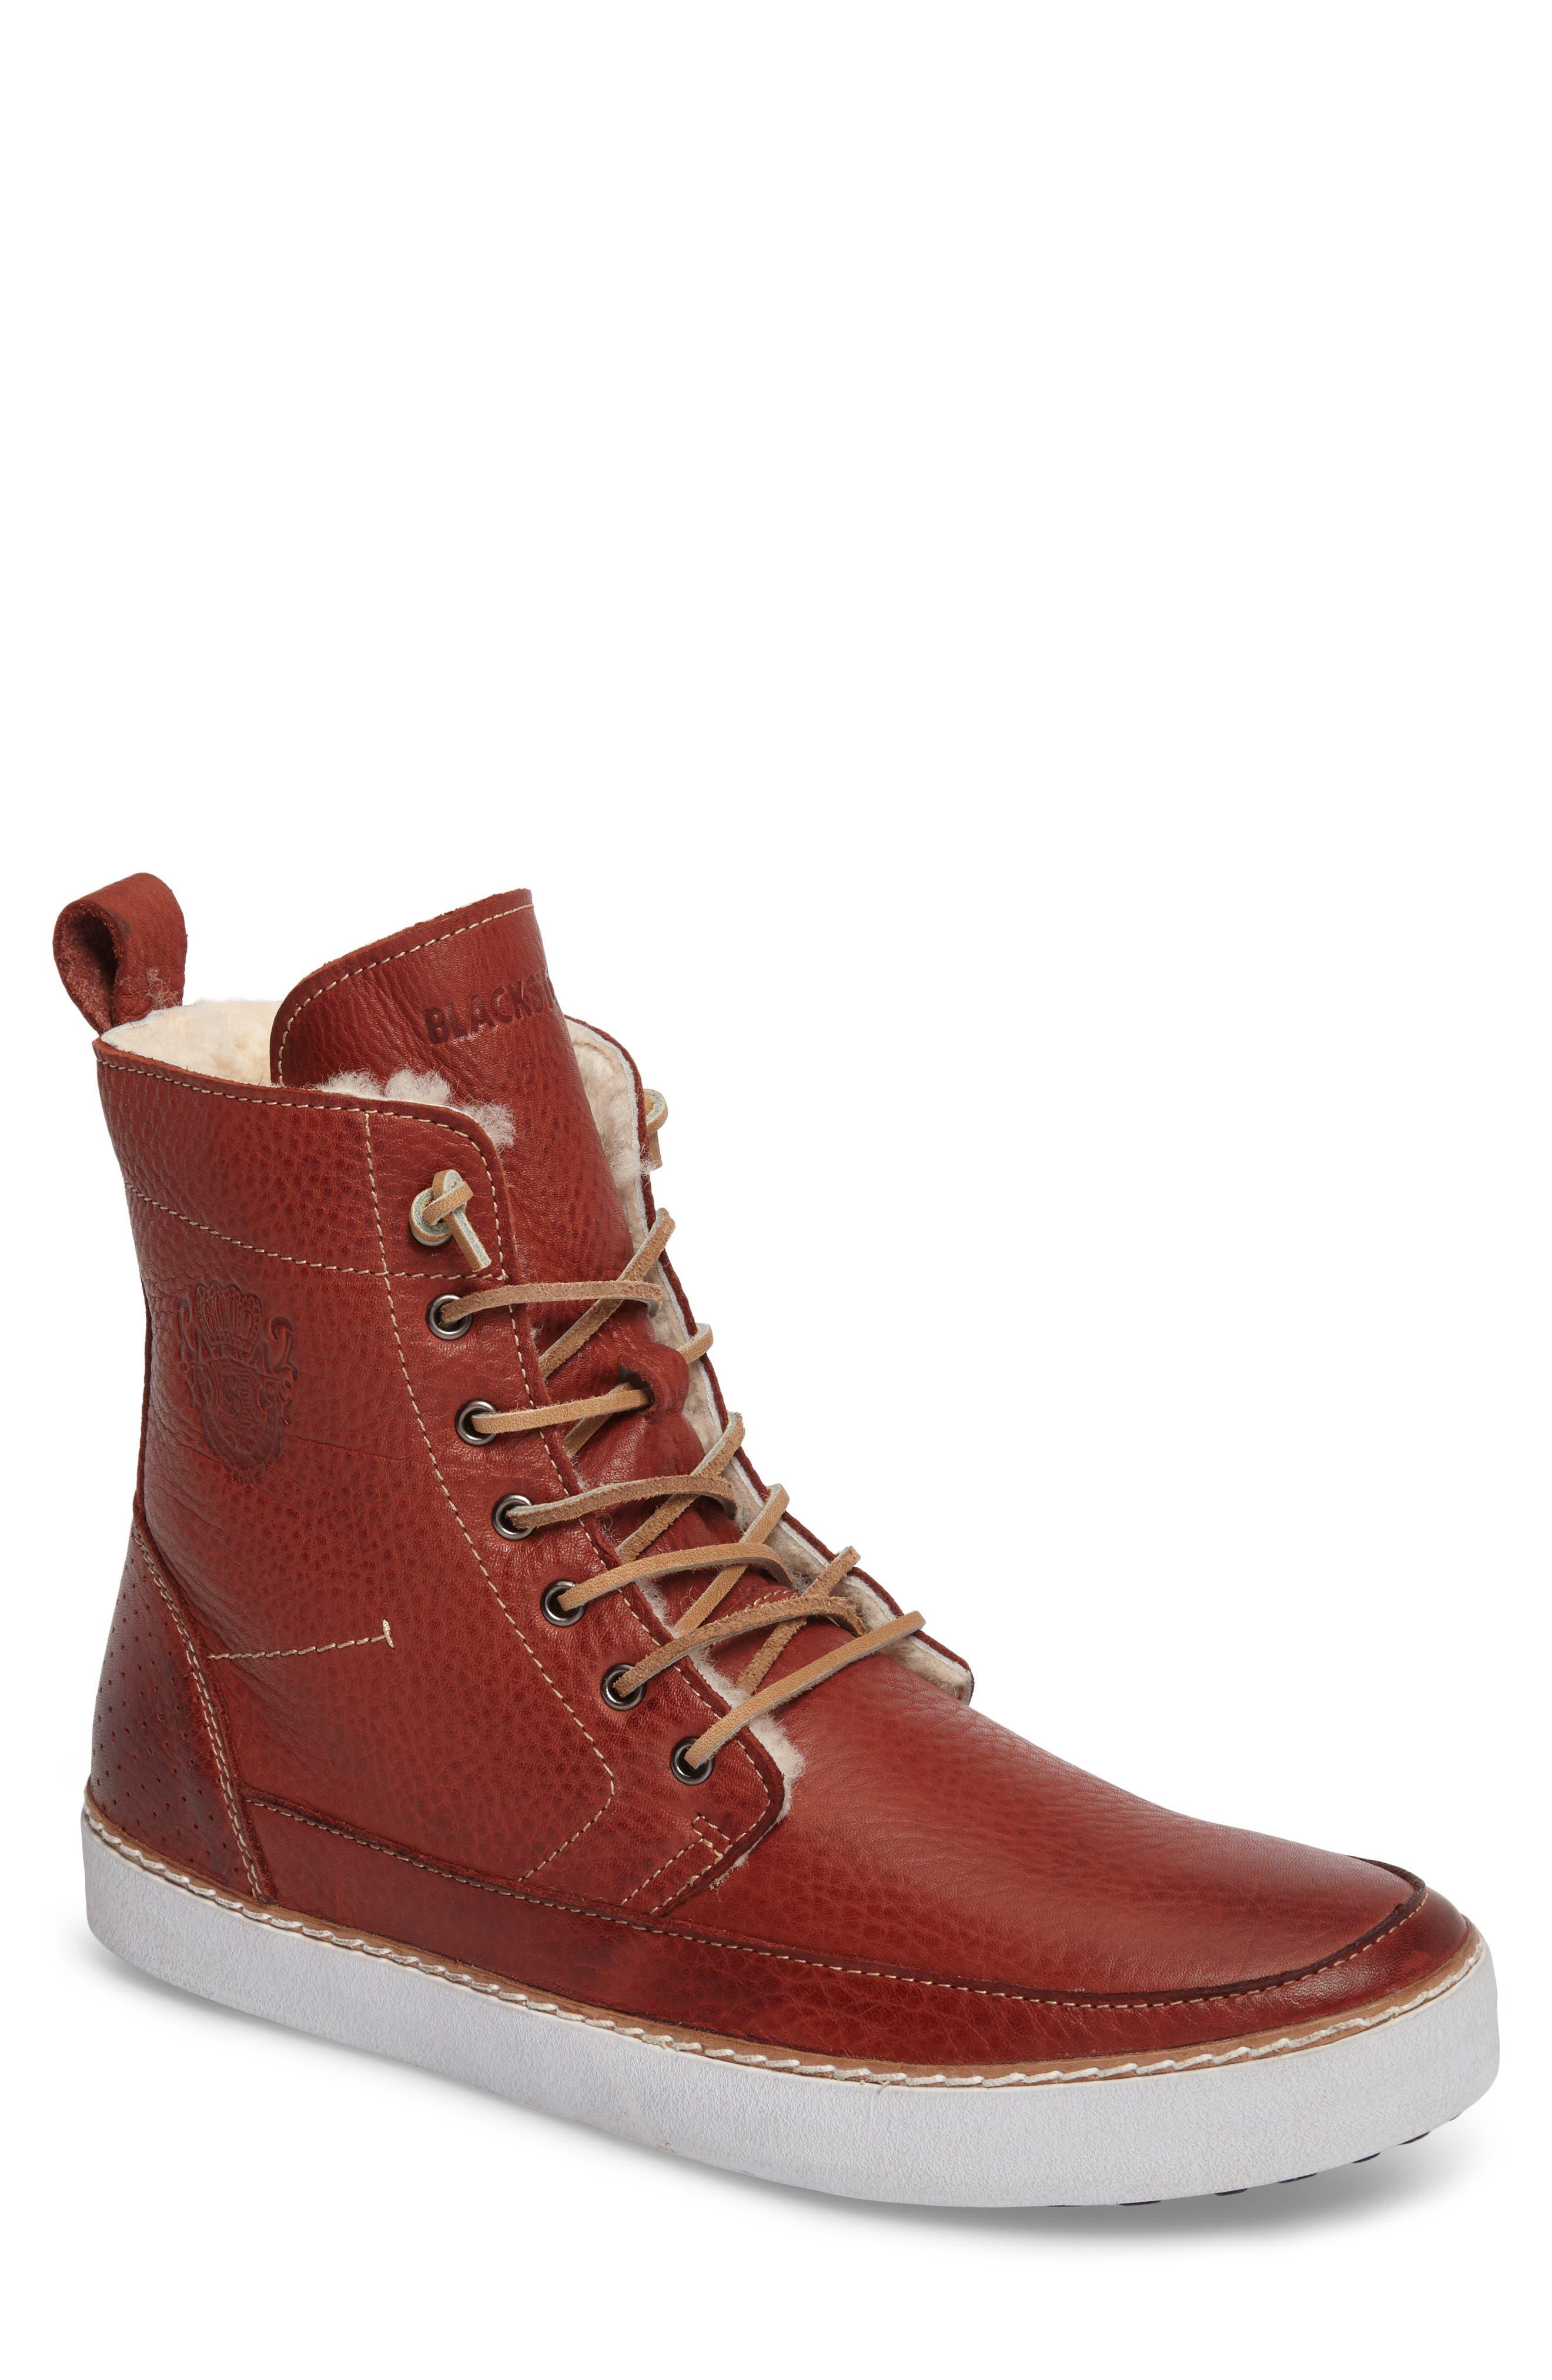 BLACKSTONE,                             'AM 32' Shearling Lined Boot,                             Main thumbnail 1, color,                             200